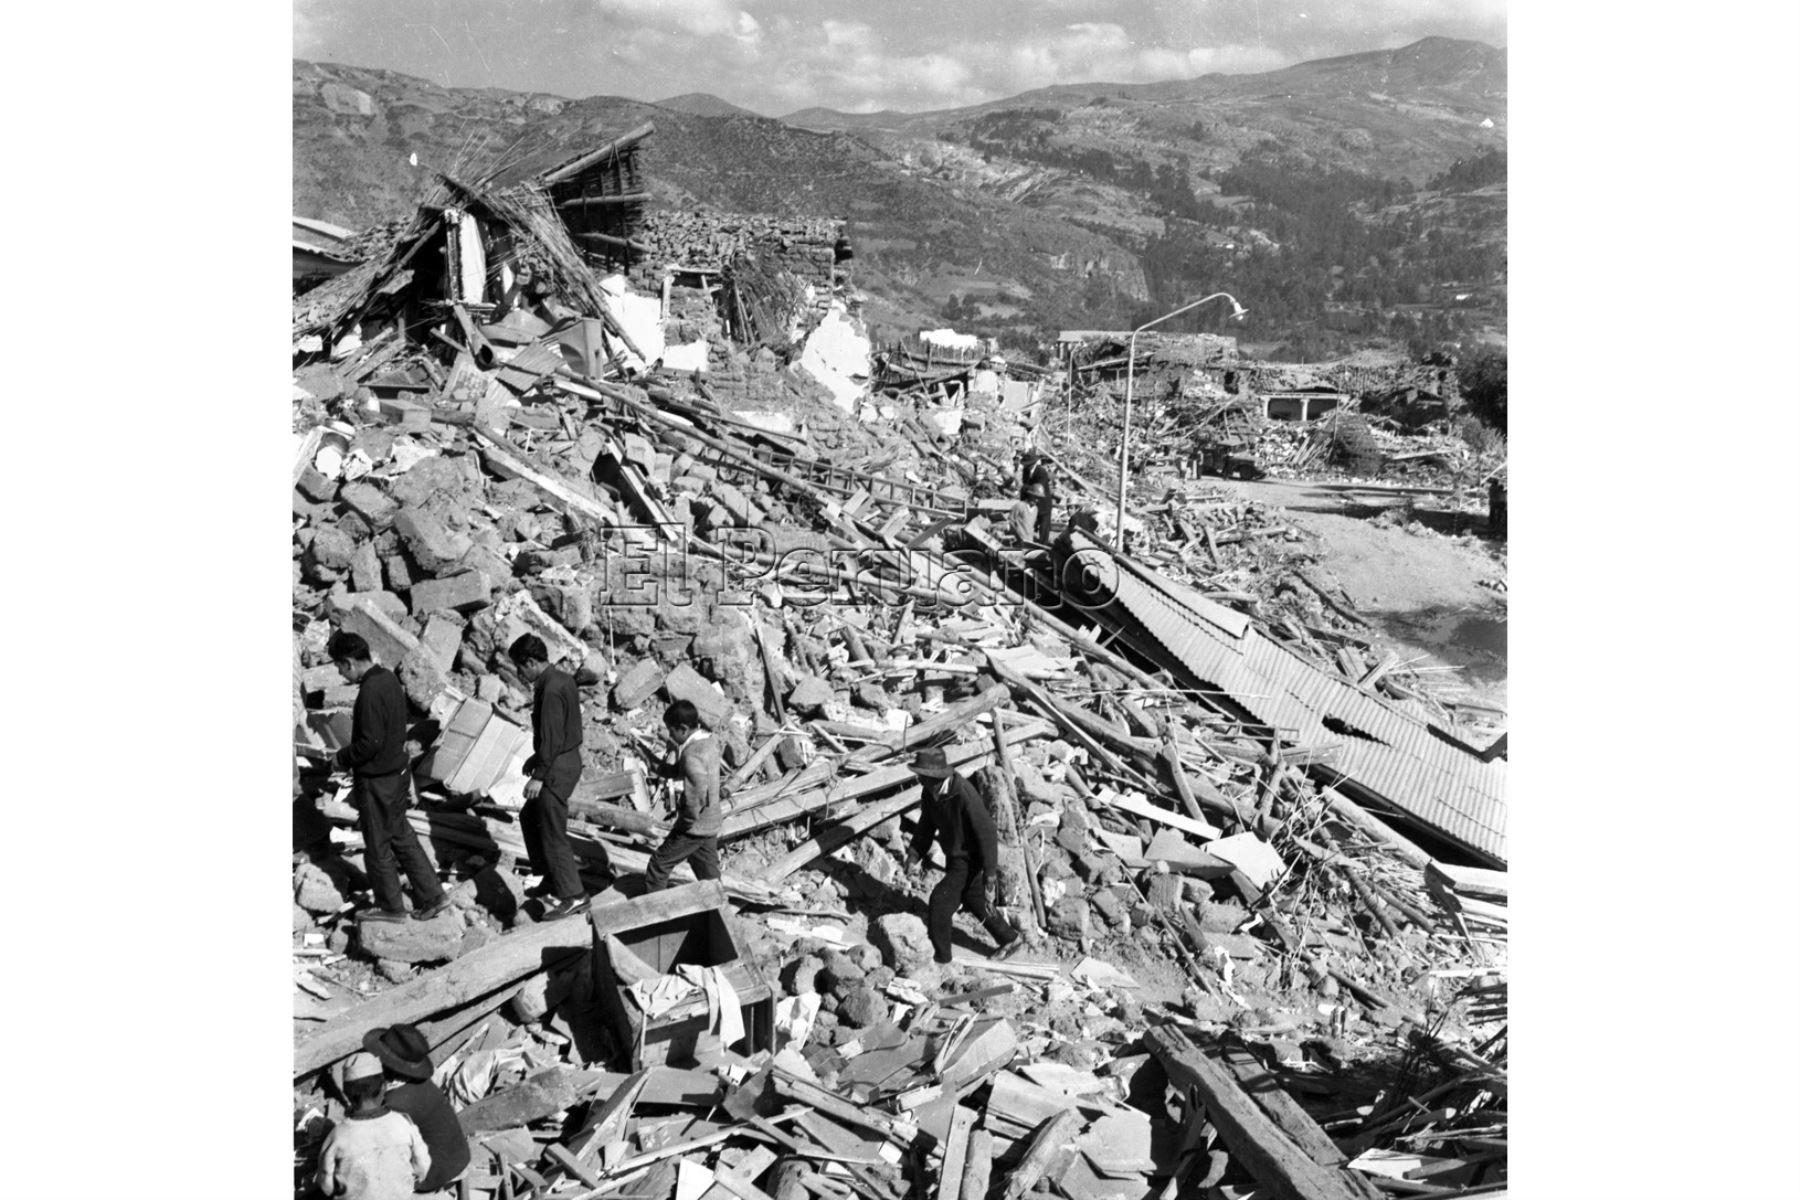 Ancash - 1 junio 1970 / Terremoto de Yungay. Damnificados en medio de escombros en Huaraz.